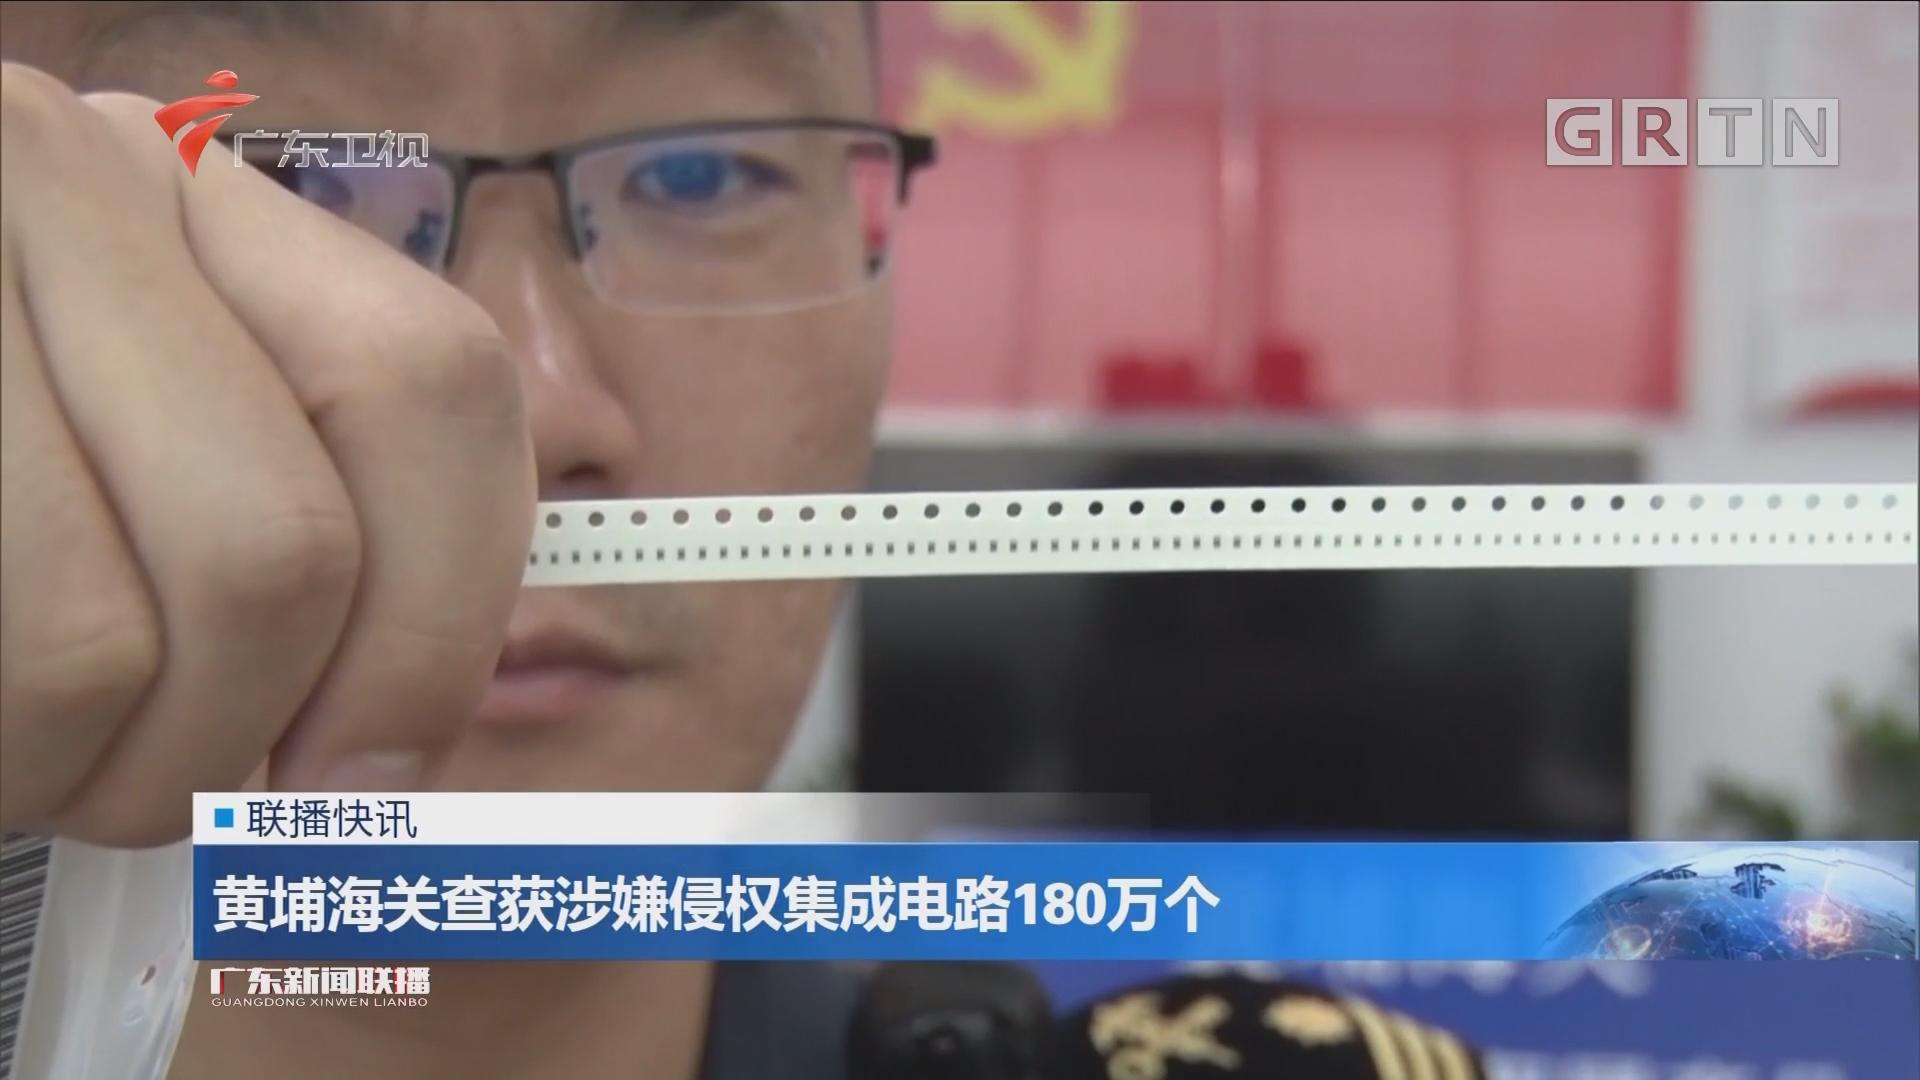 黄埔海关查获涉嫌侵权集成电路180万个